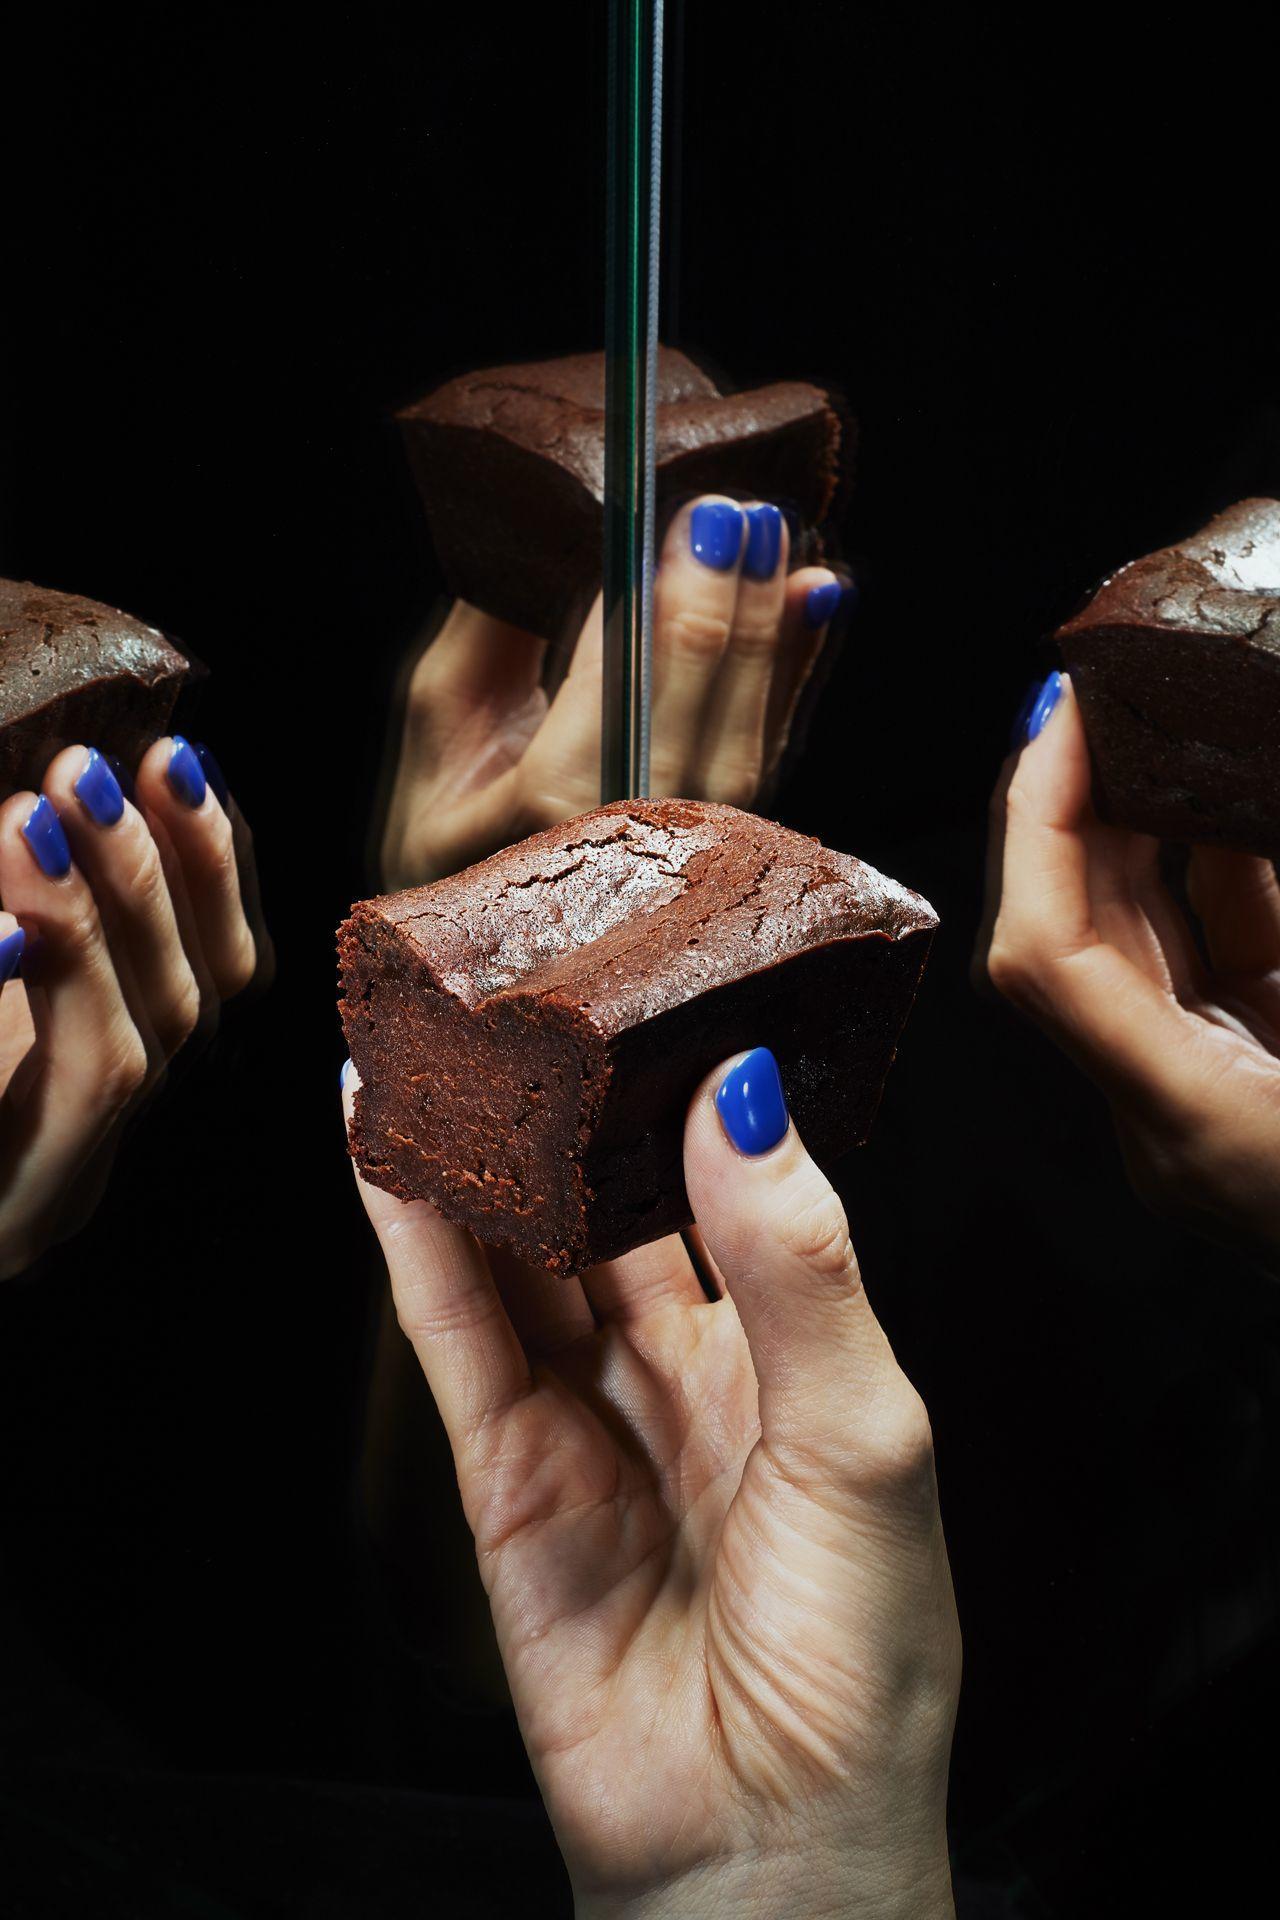 全台獨家首賣的自由之丘Chocolaphil,以濃郁香甜的古典巧克力蛋糕受到歡迎...